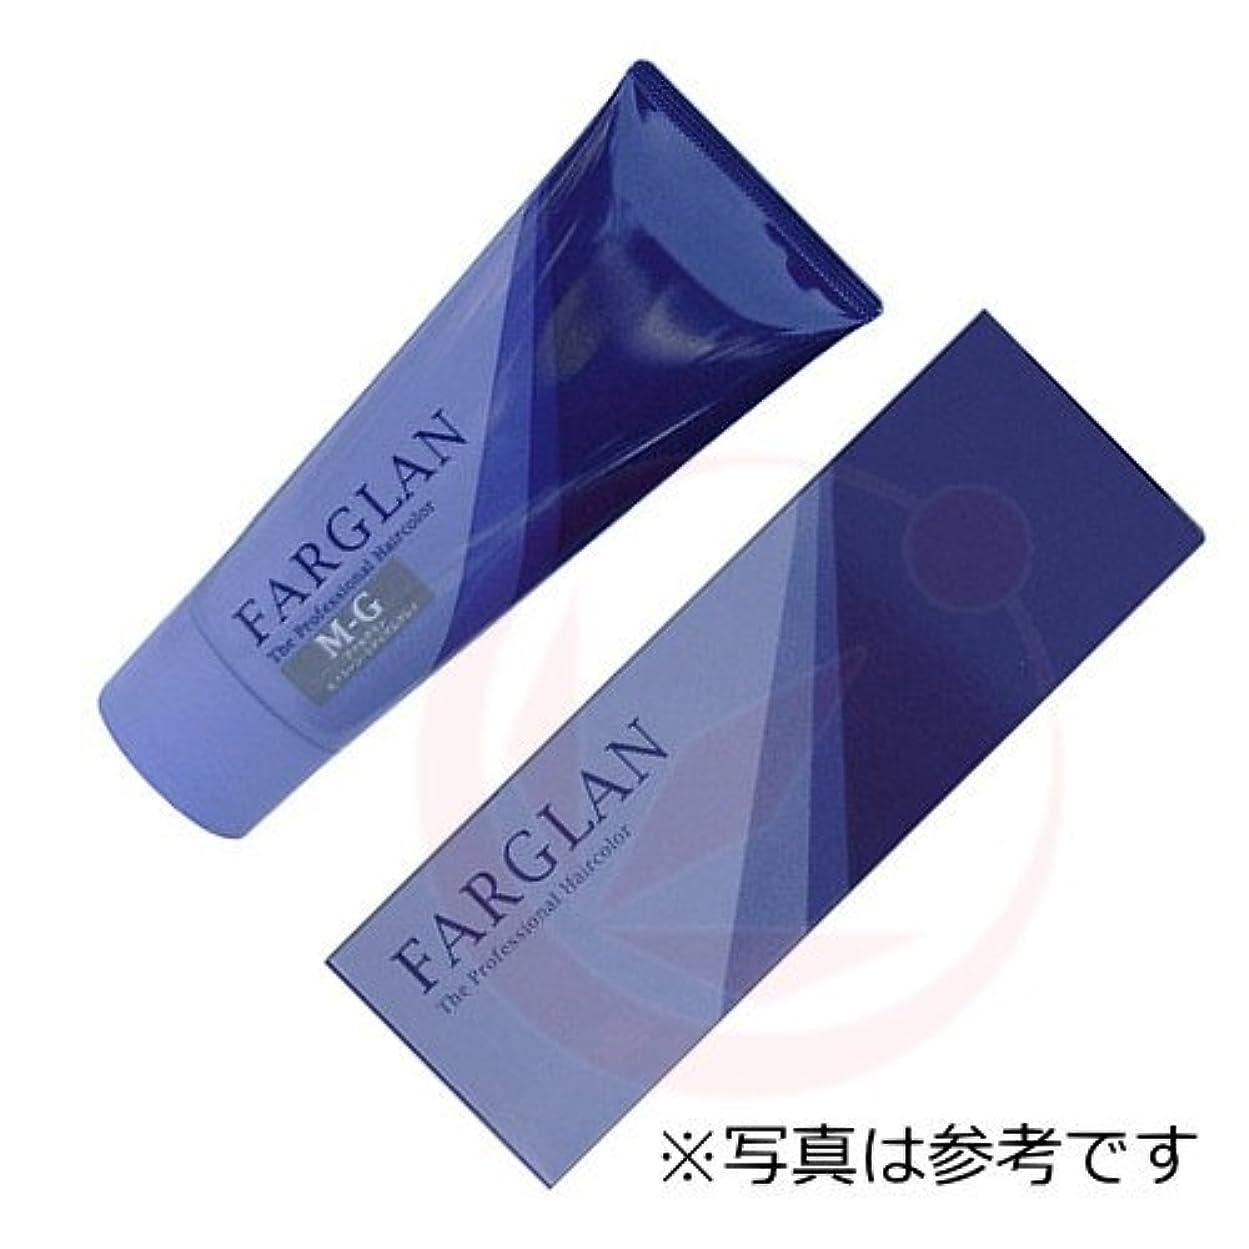 受益者コンベンション各ミルボン ファルグラン 酸性グレイカラー カッパーブラウン 160g 【カッパーブラウン】M-Co.B